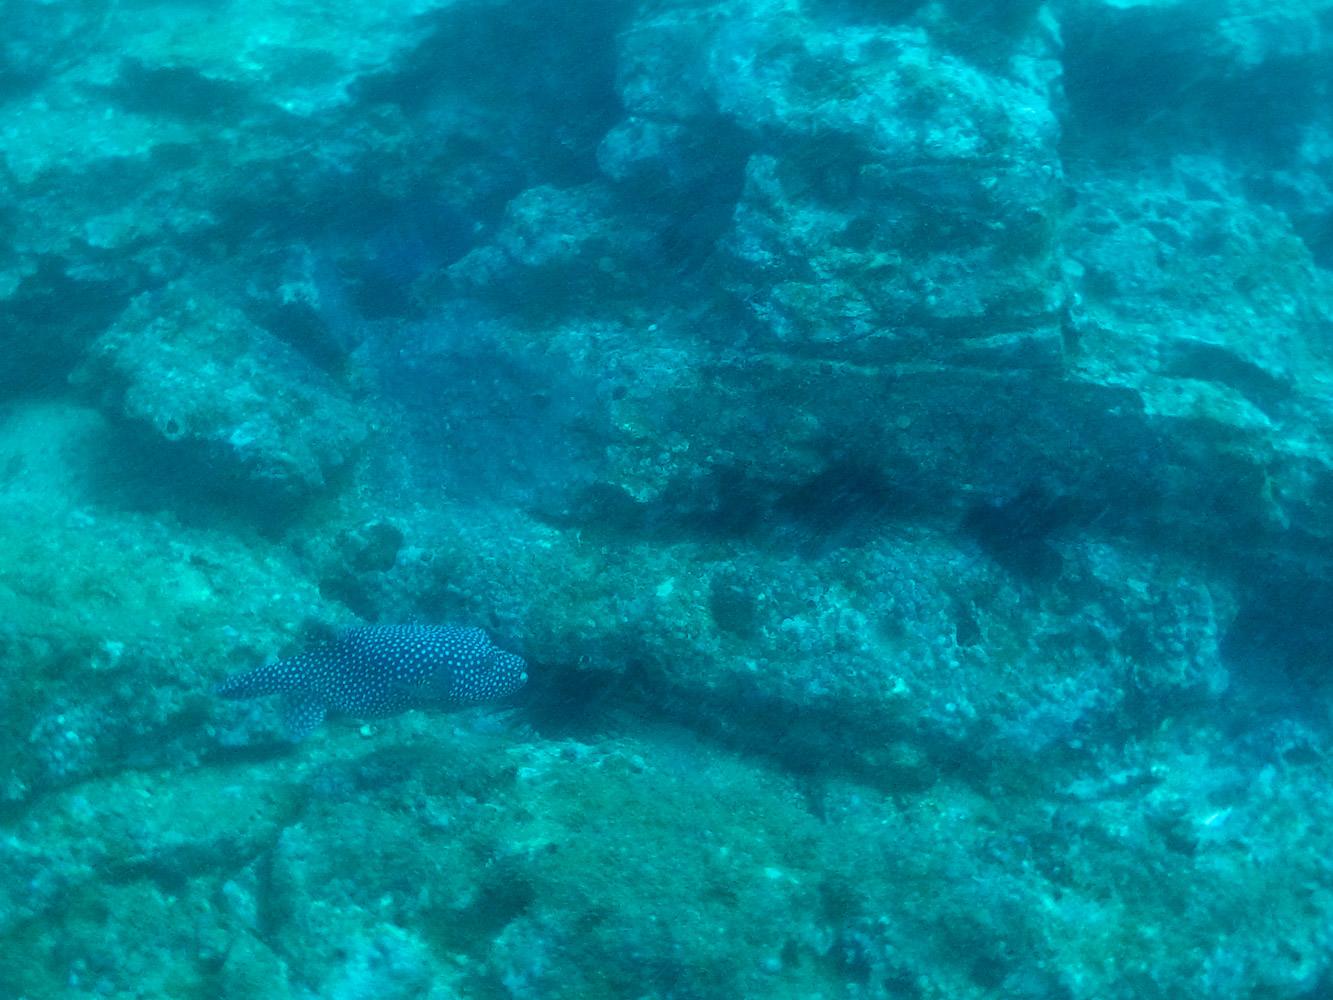 Un pez de gran tamaño que vimos buceando en Costa Rica